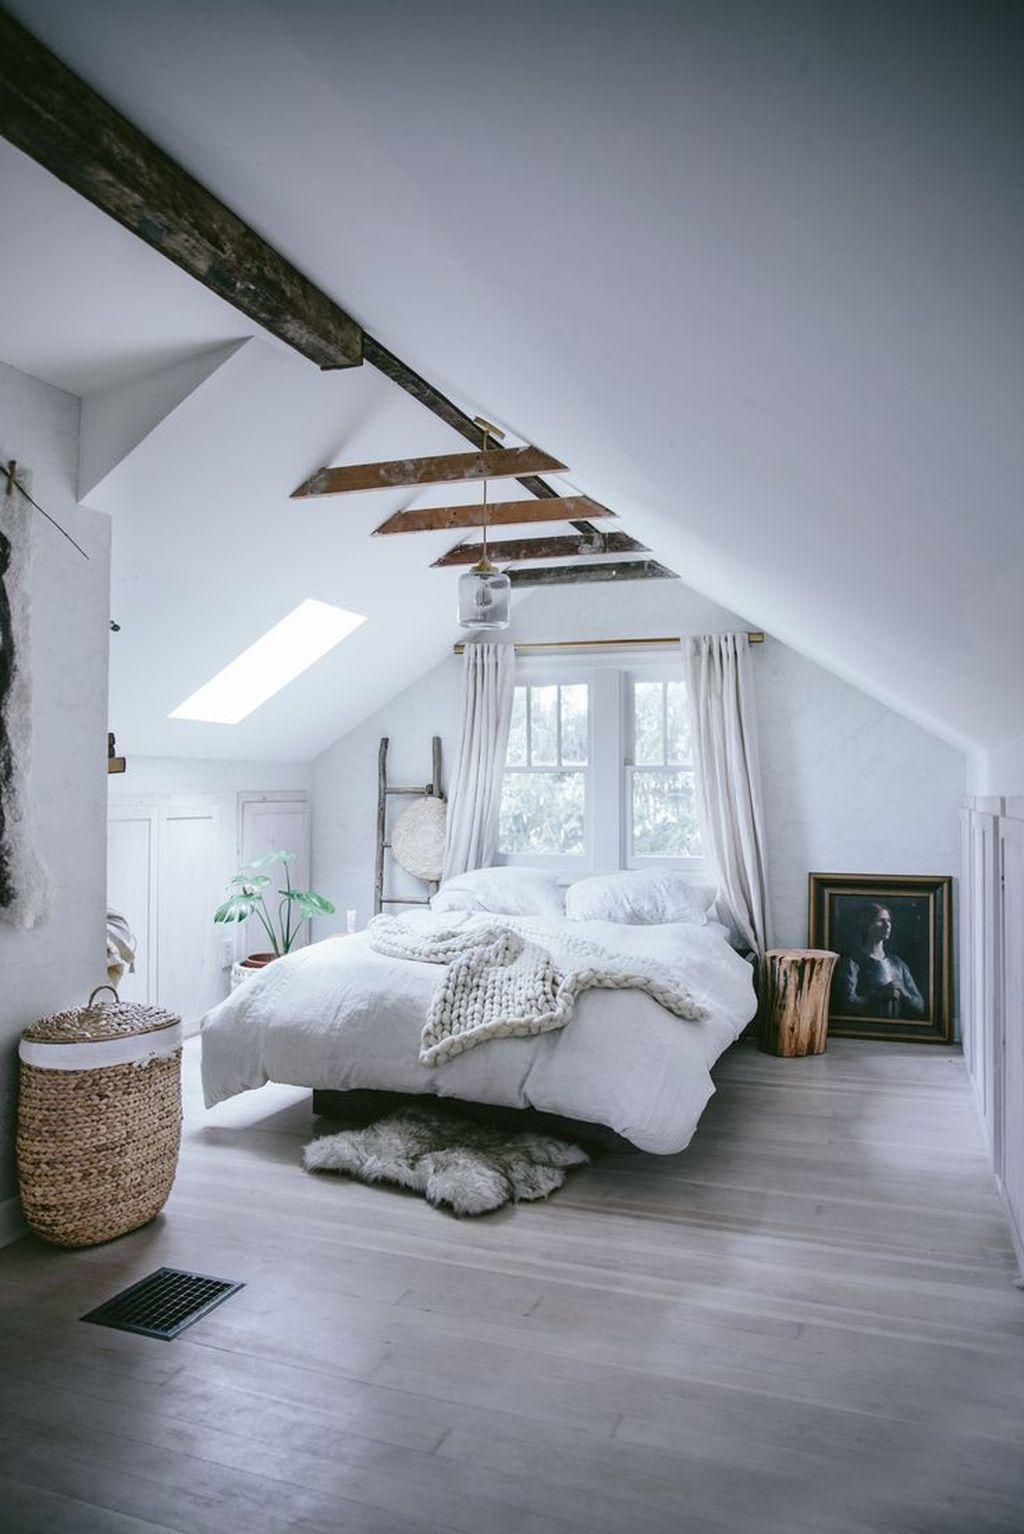 Small attic loft bedroom ideas   Totally Inspiring Attic Bedroom Designs Ideas  Bedroom Master